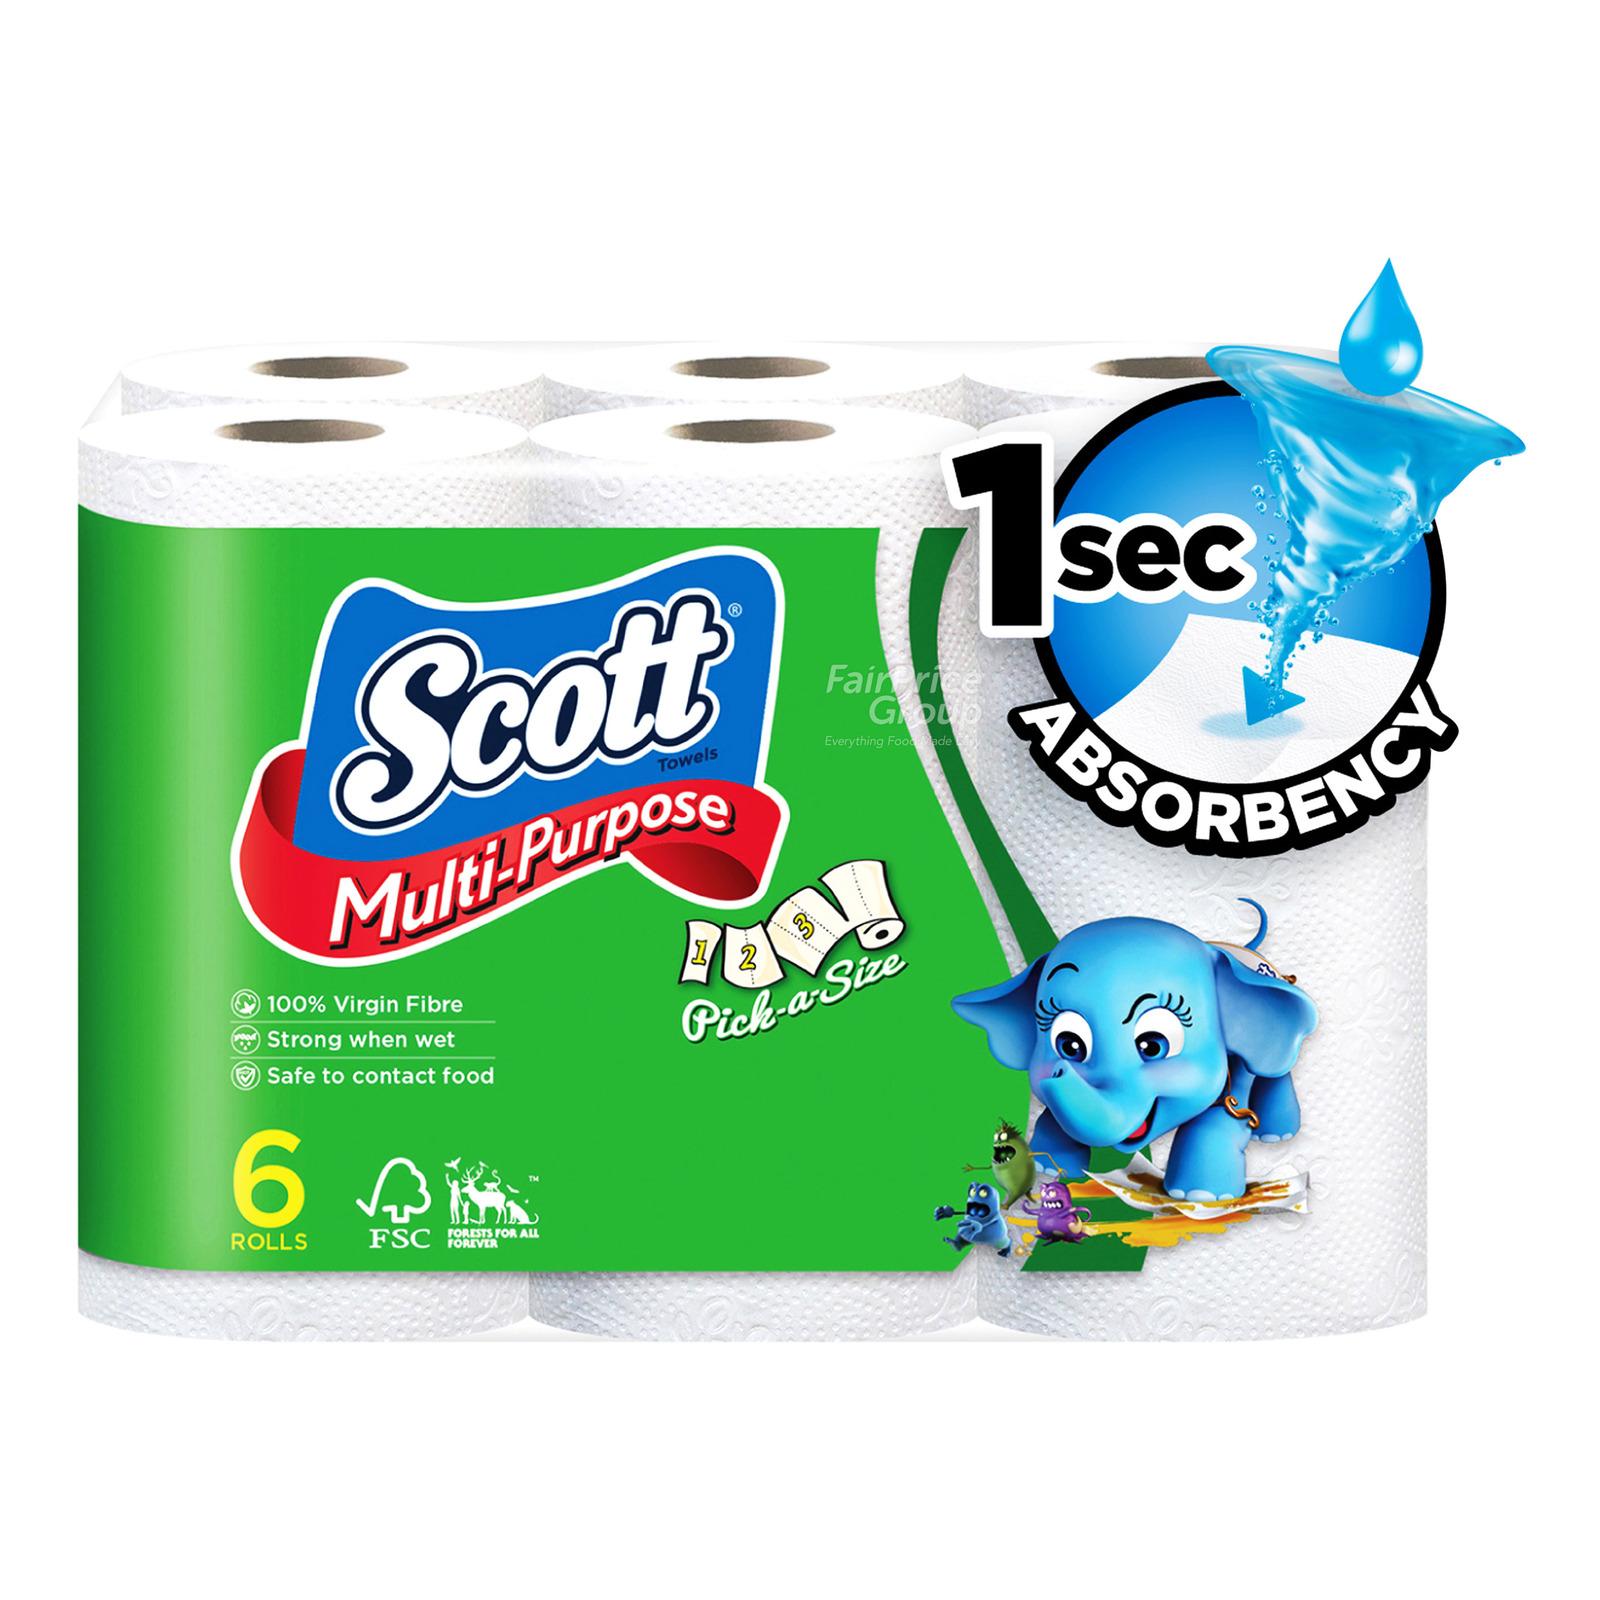 Scott Kitchen Towel Rolls - Pick A Size